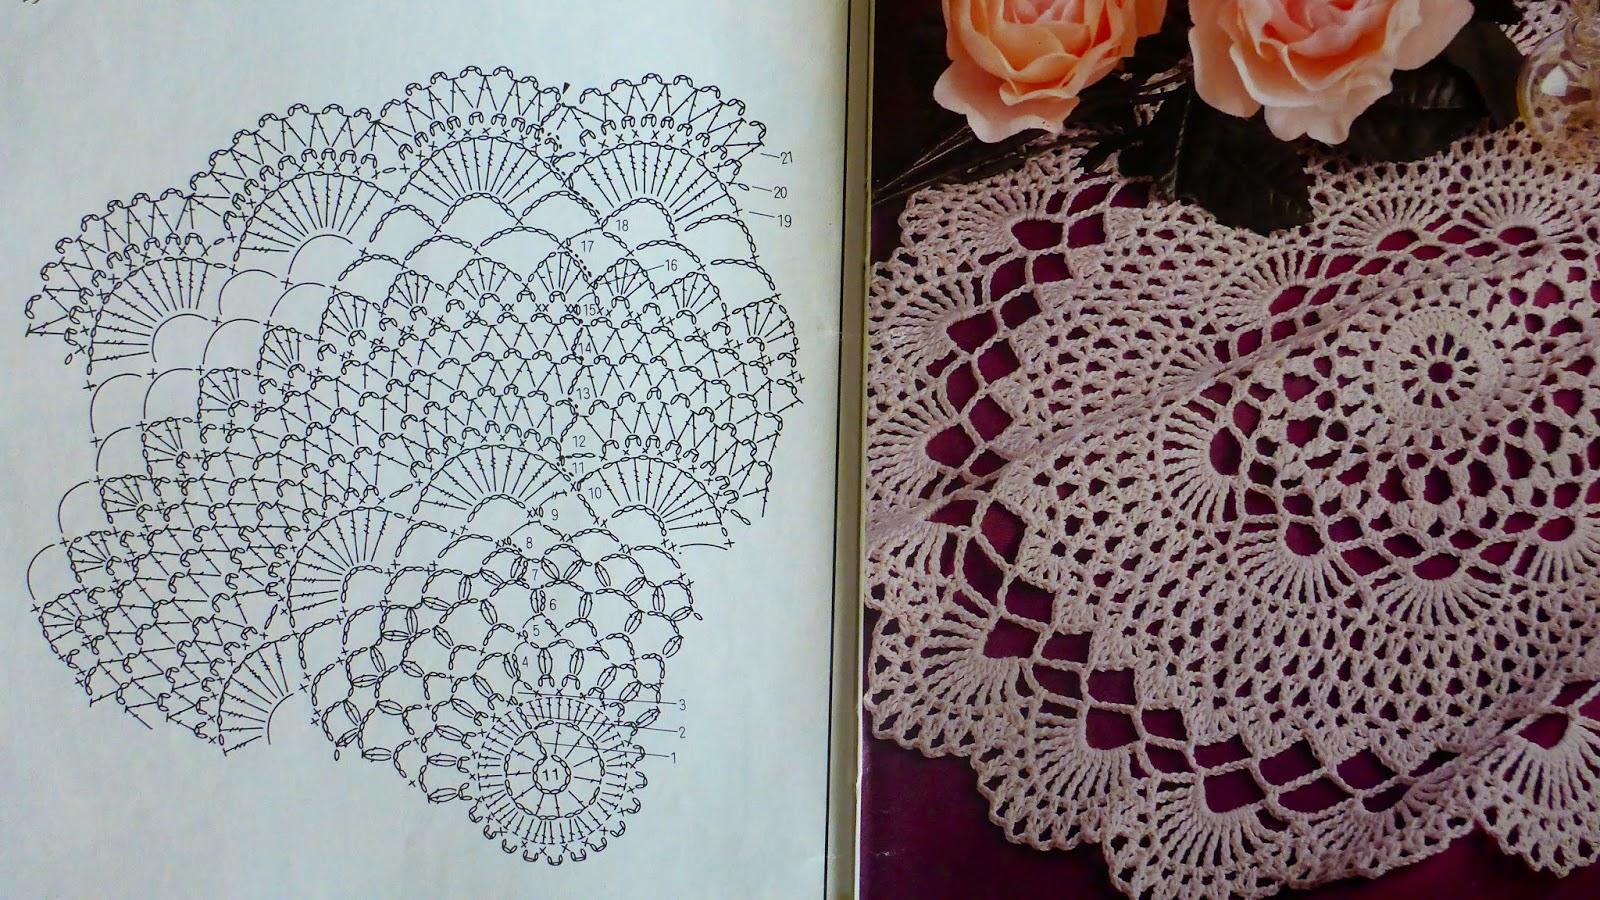 Ergahandmade Crochet Bag Diagram Pattern Step By Rose Flower Flowers 4 For Instructions